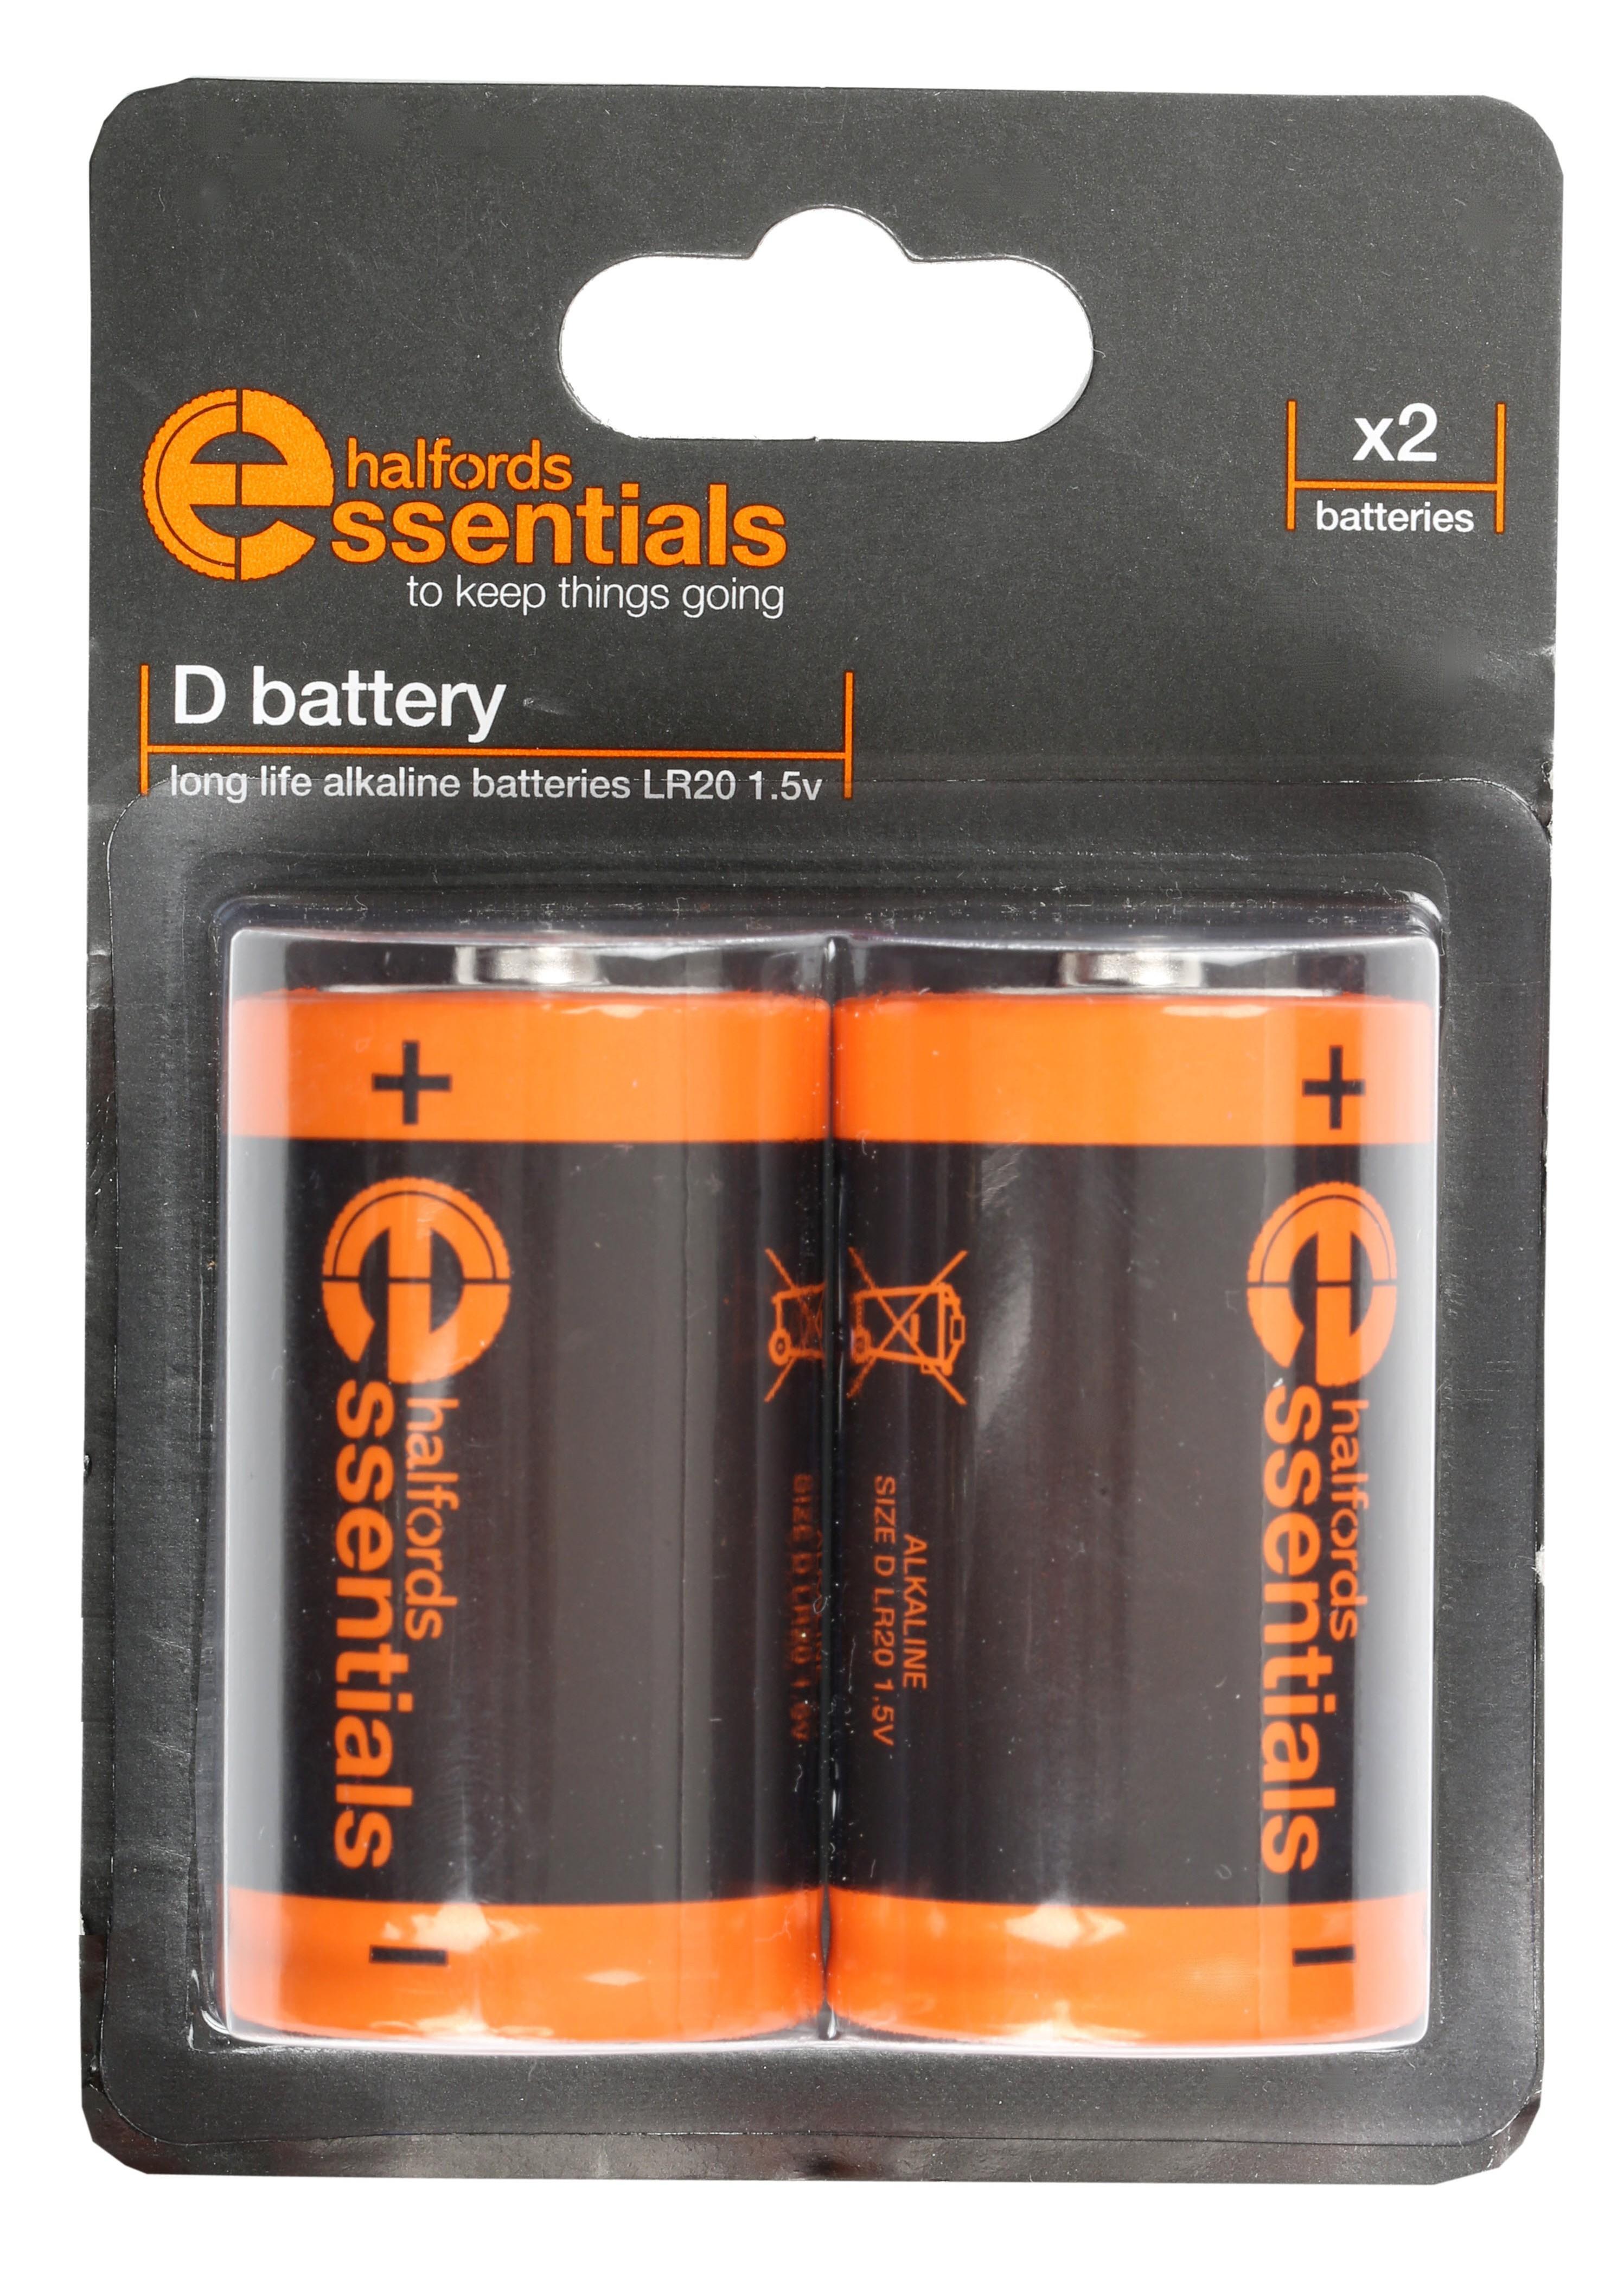 Halfords Essential Batteries D x2